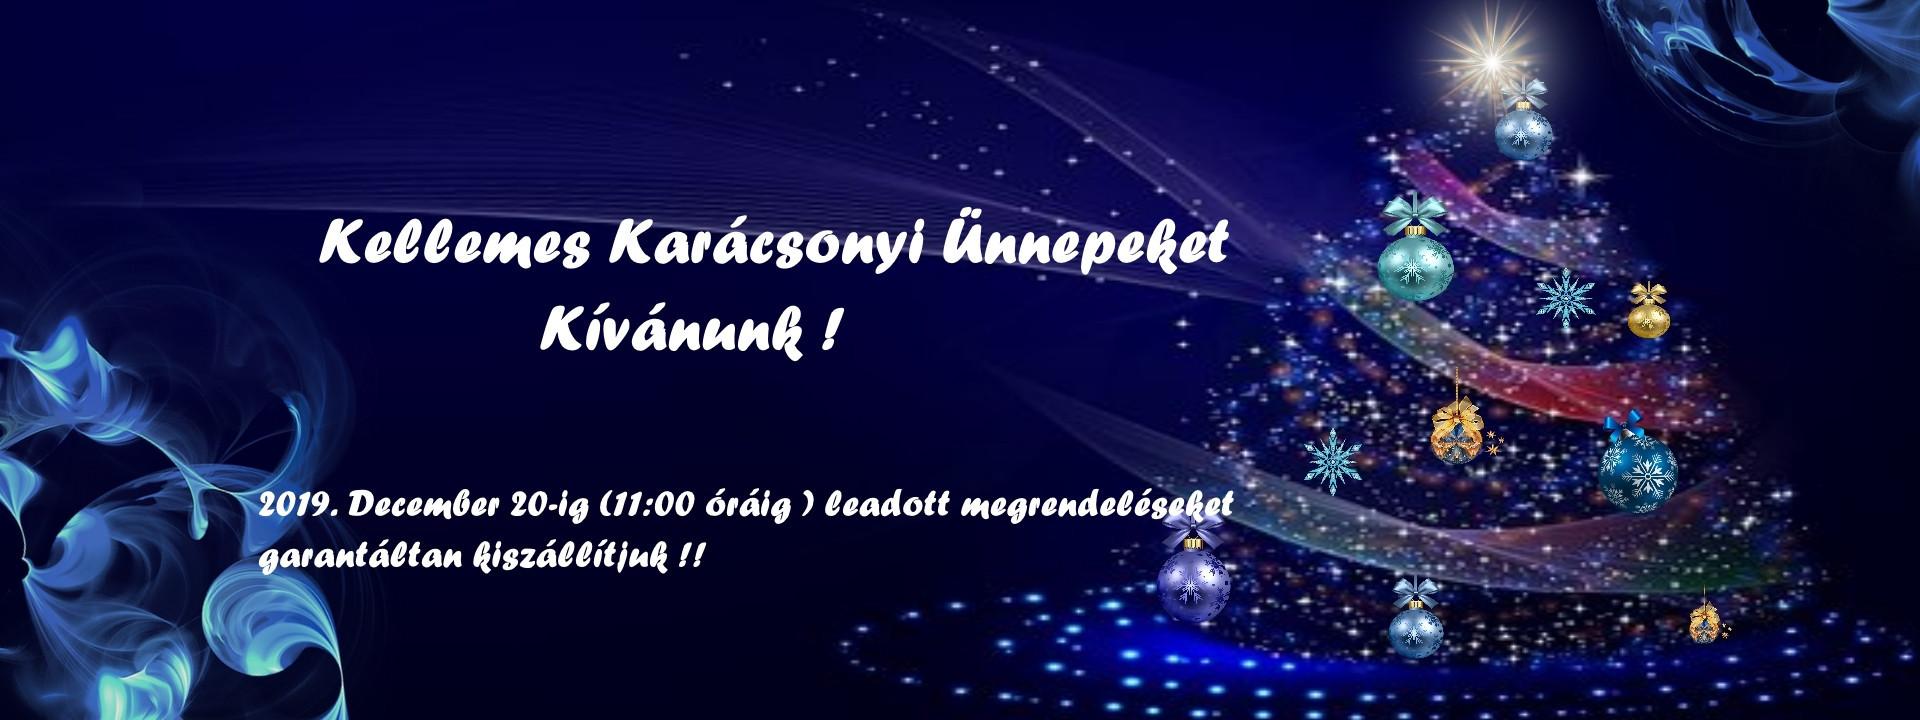 Karácsonyi banner